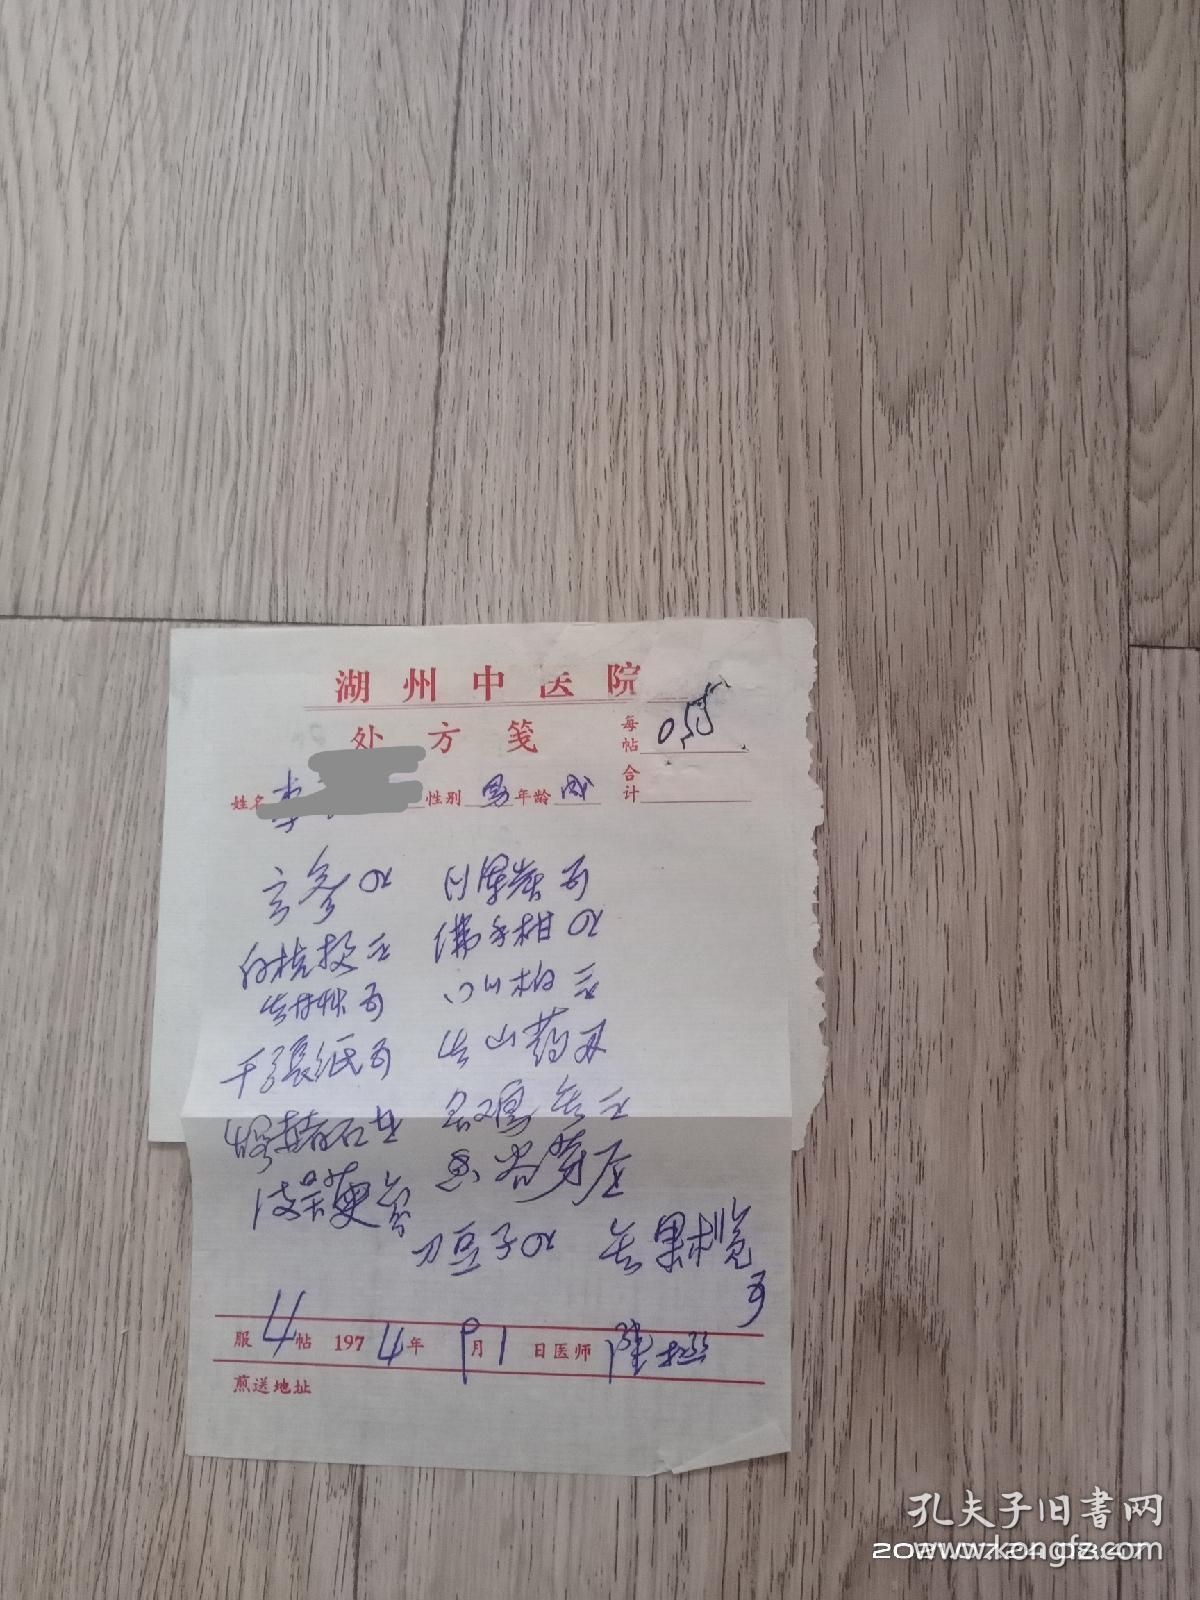 全国名老中医陆拯七十年代中医处方笺一张